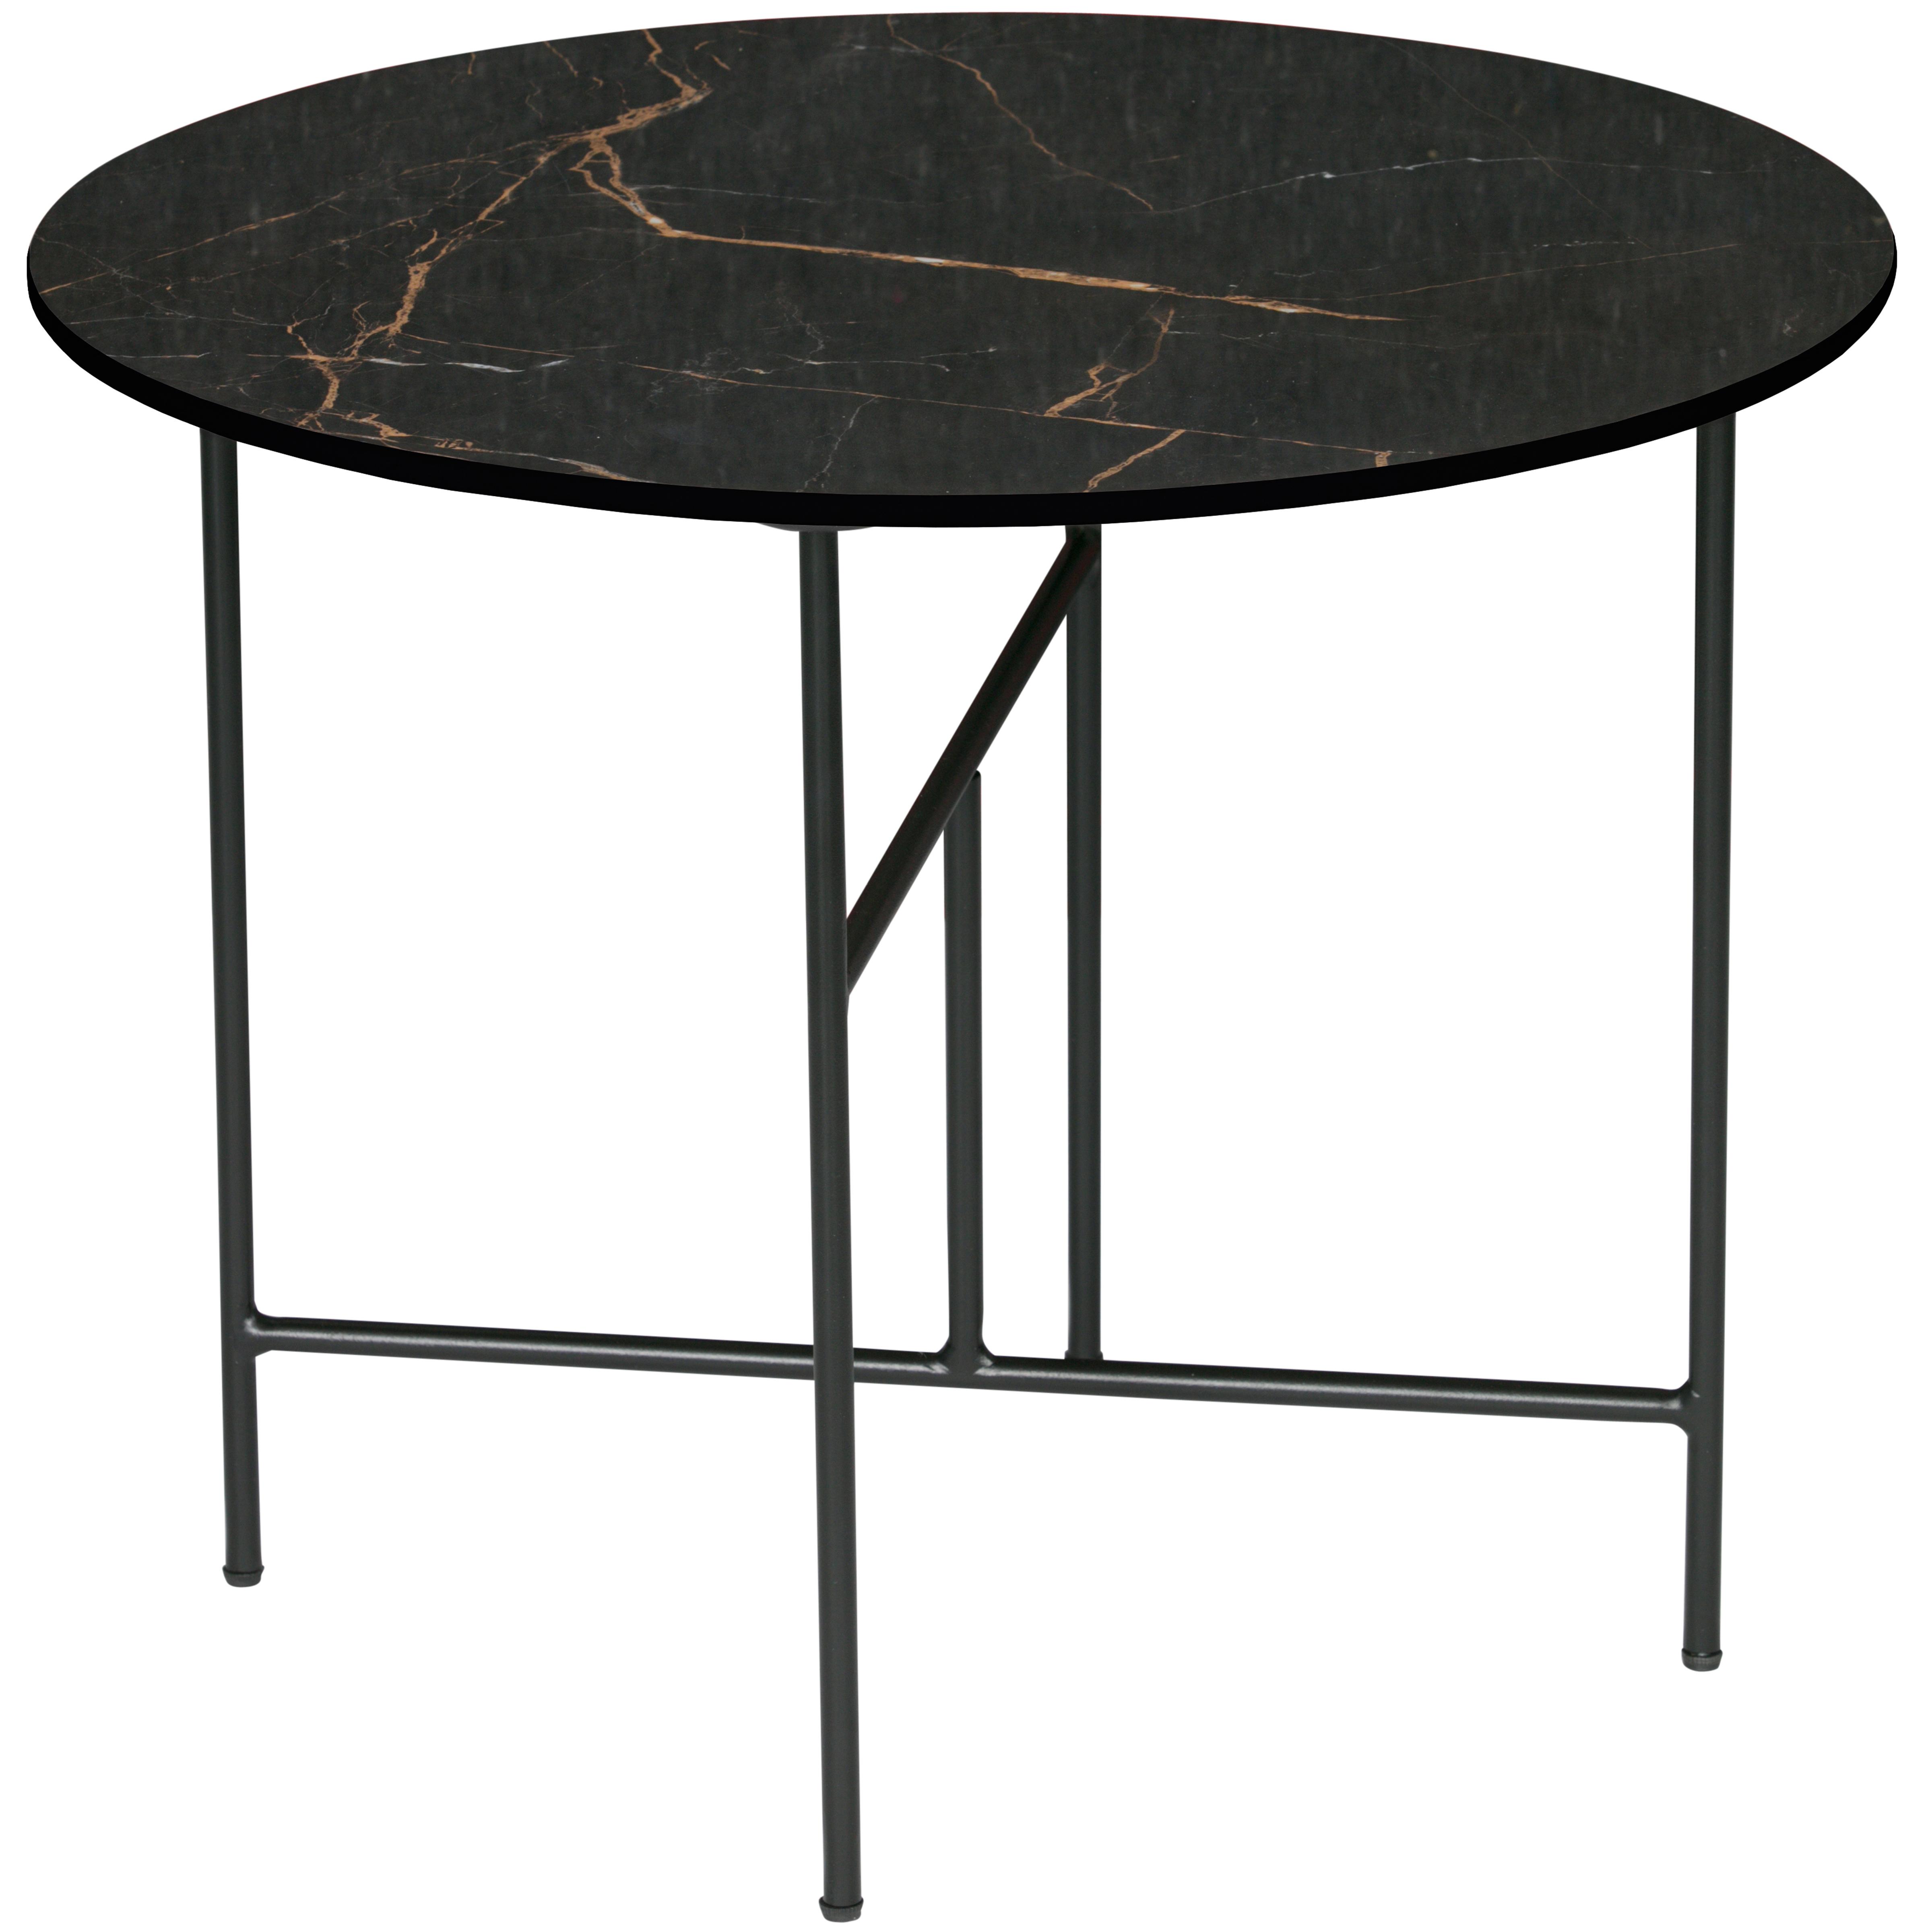 Table basse en porcelaine effet marbre 48xD60 noir